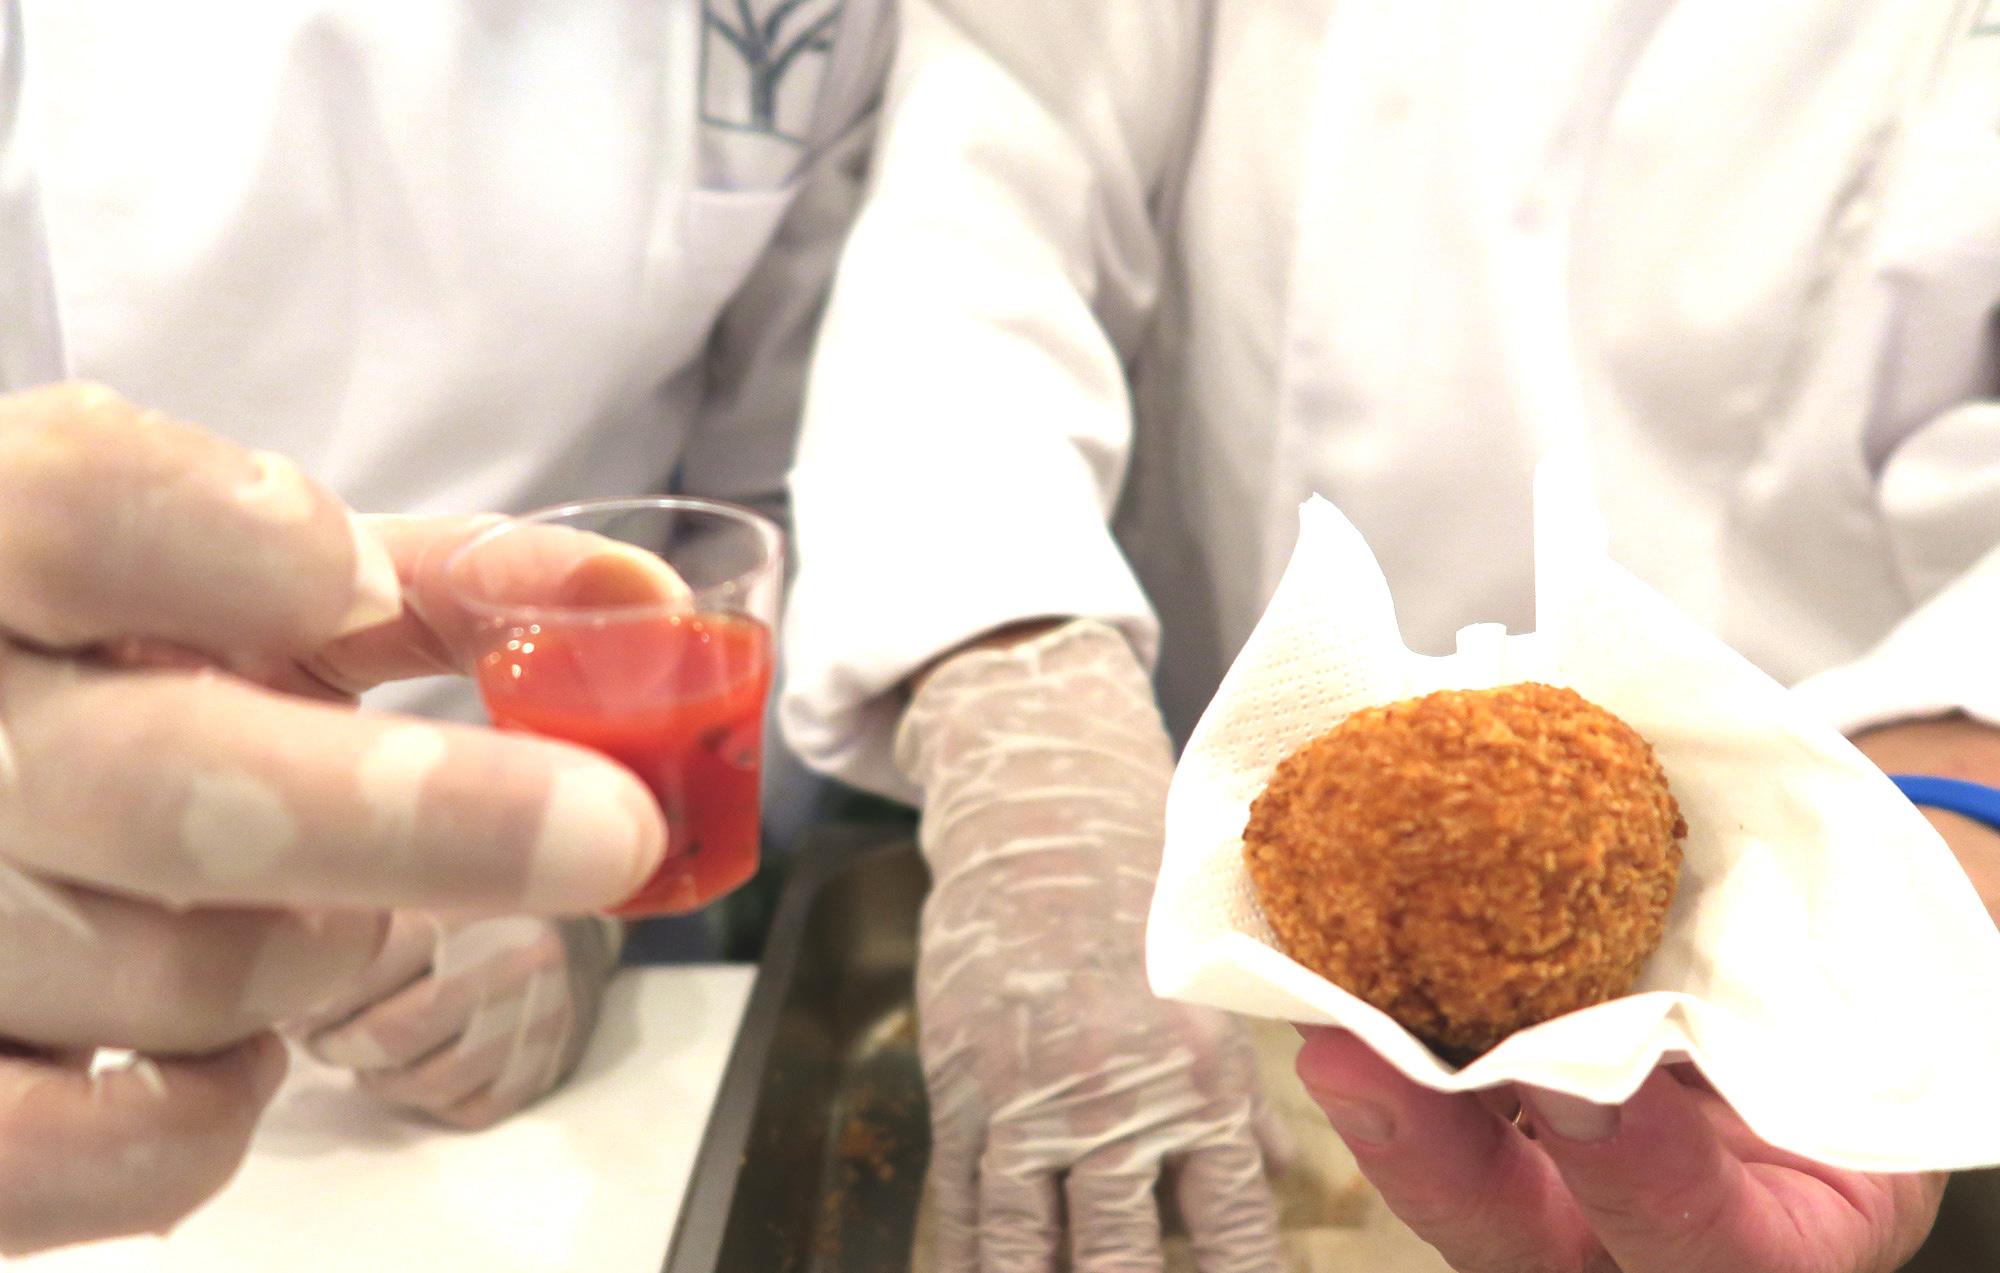 L'Arancina di cous cous e Bloody Mary dello chef Giuseppe Costa   ©foto Sandra Longinotti